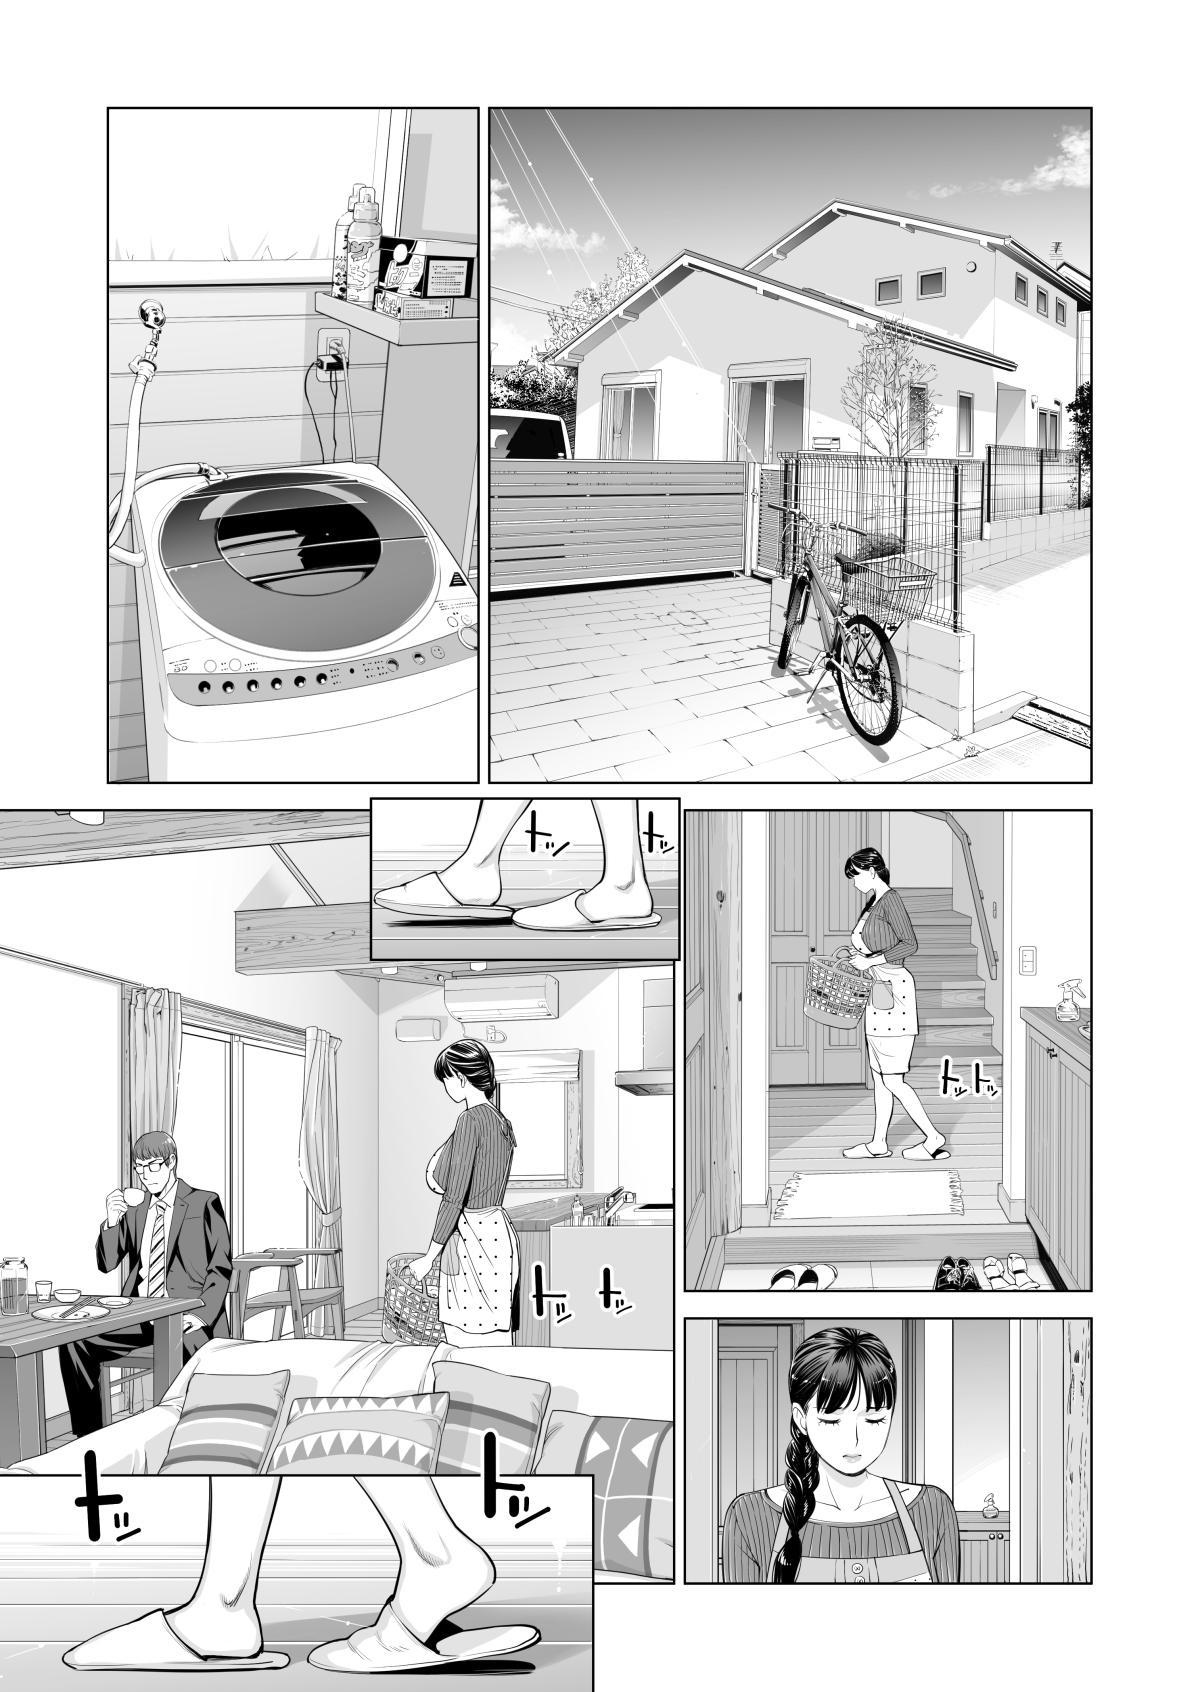 [HGT Lab (Tsusauto)] Tsukiyo no Midare Zake ~Hitozuma wa Yoitsubureta Otto no Soba de Douryou ni Netorareru~ Kouhen (CHINESE) 3